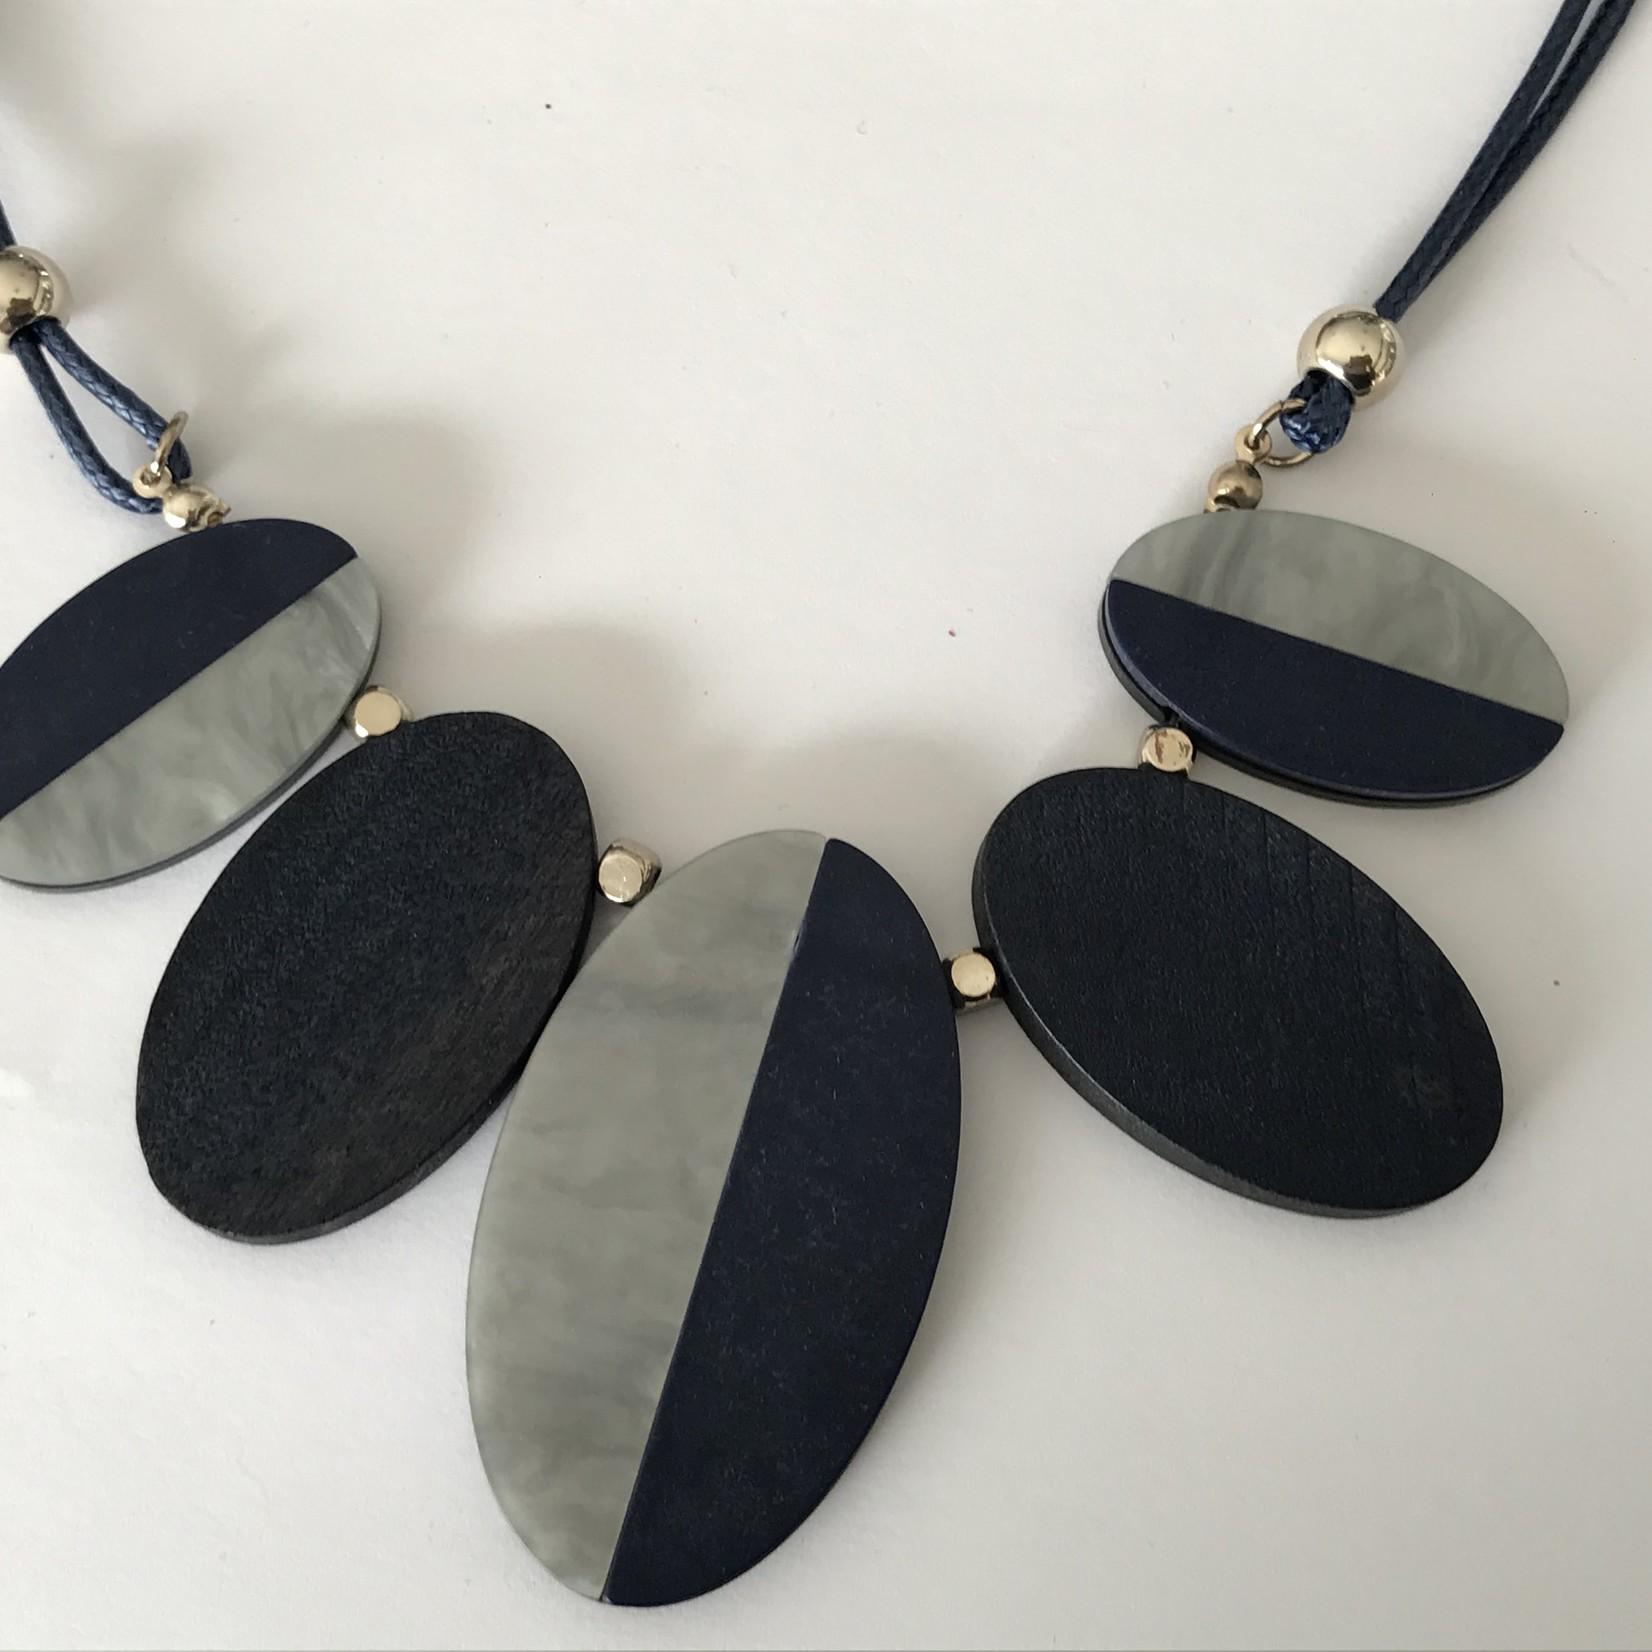 Axxes-Soir Ketting  kort donkerblauw met houten ovaaltjes